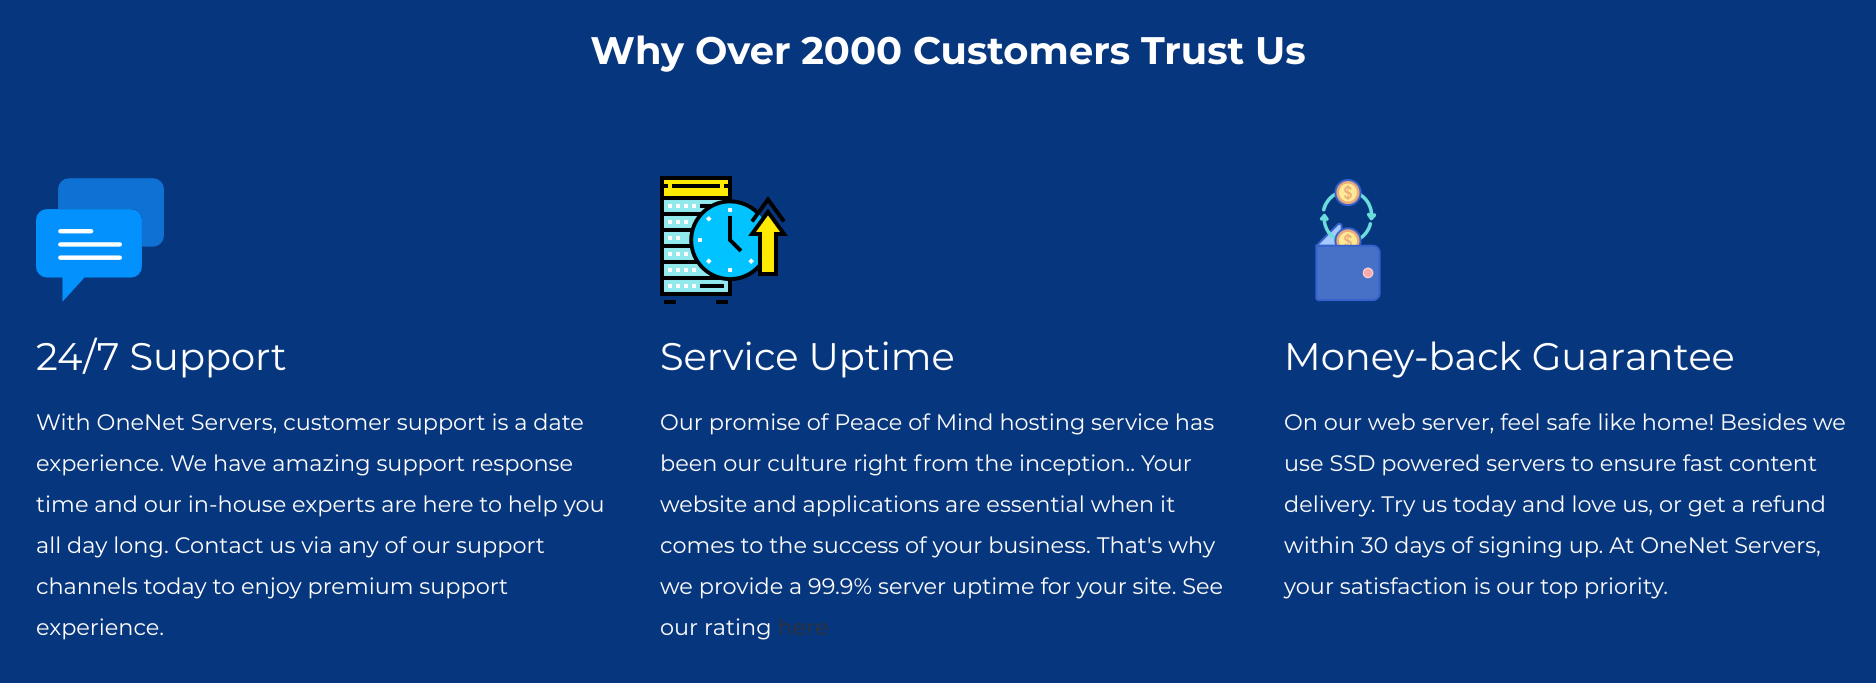 OneNet Servers Overview